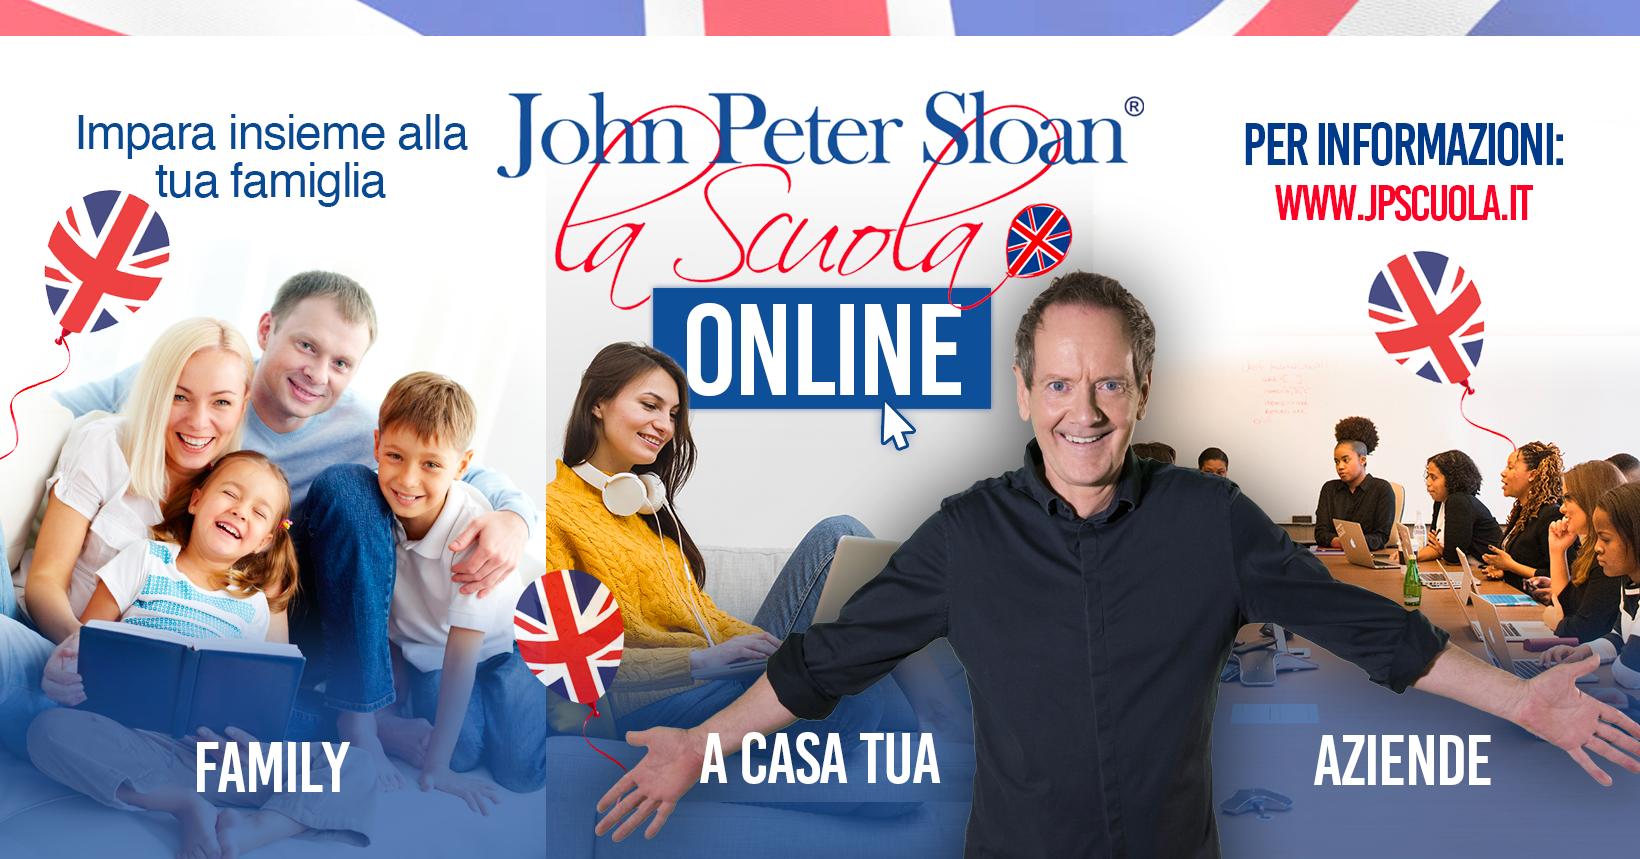 John Peter Sloan - La scuola! ONLINE